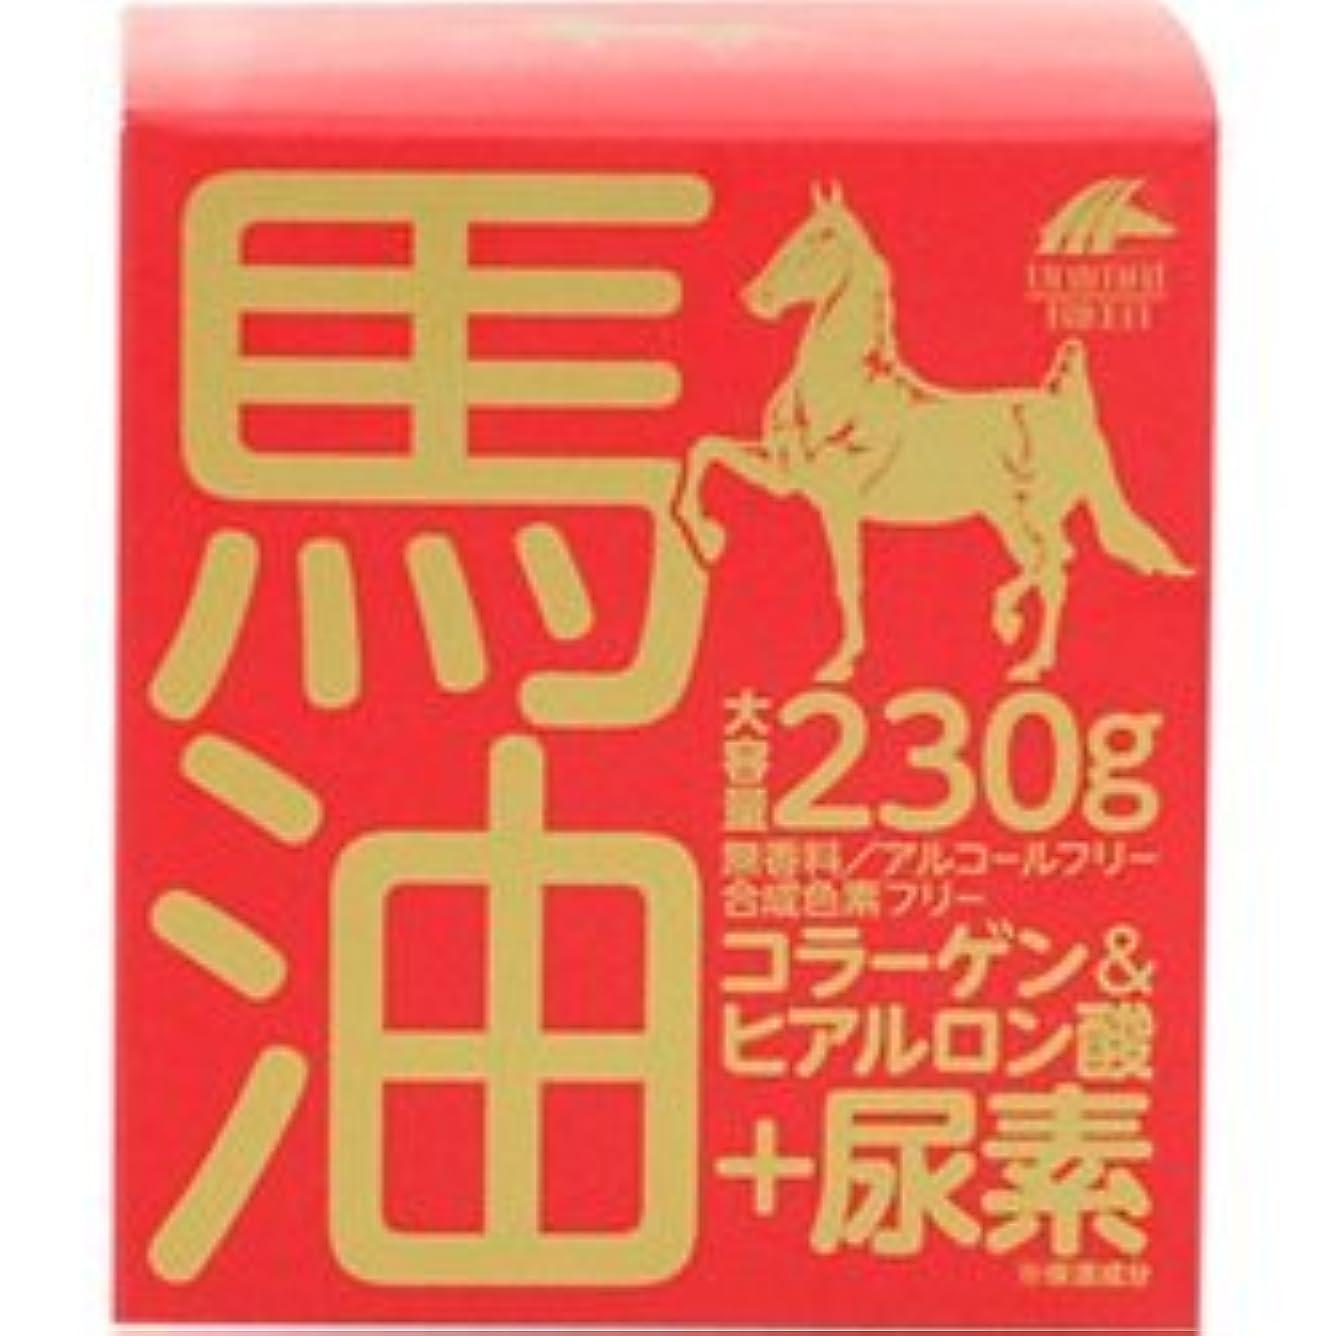 許さない返済可能【ユニマットリケン】馬油クリーム+尿素 230g ×3個セット